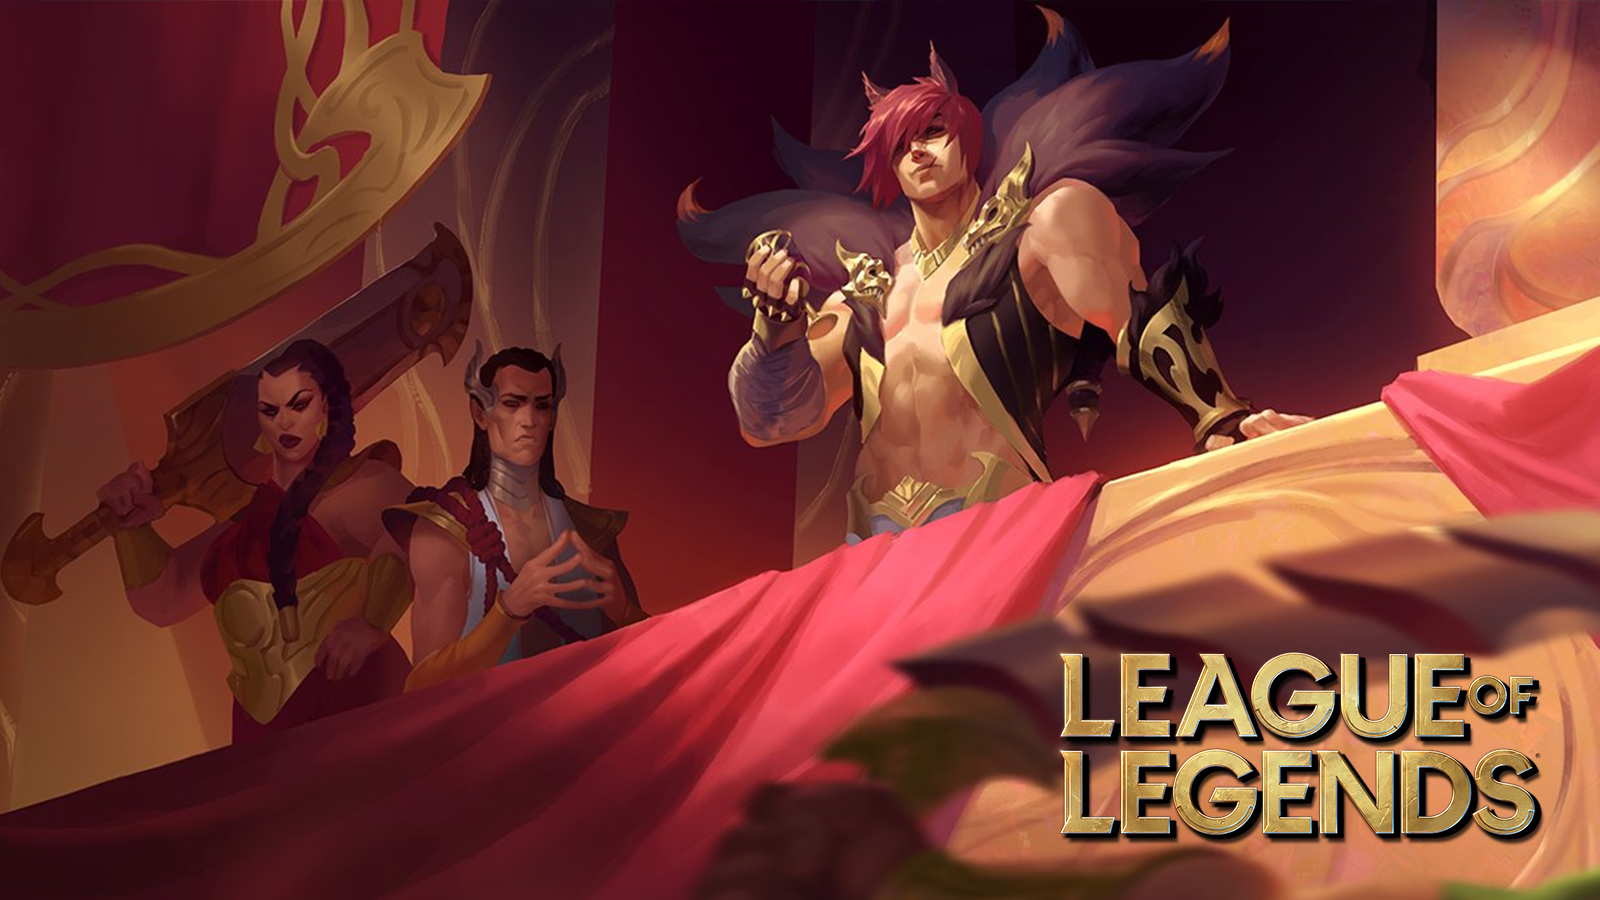 League of Legends champion Sett art